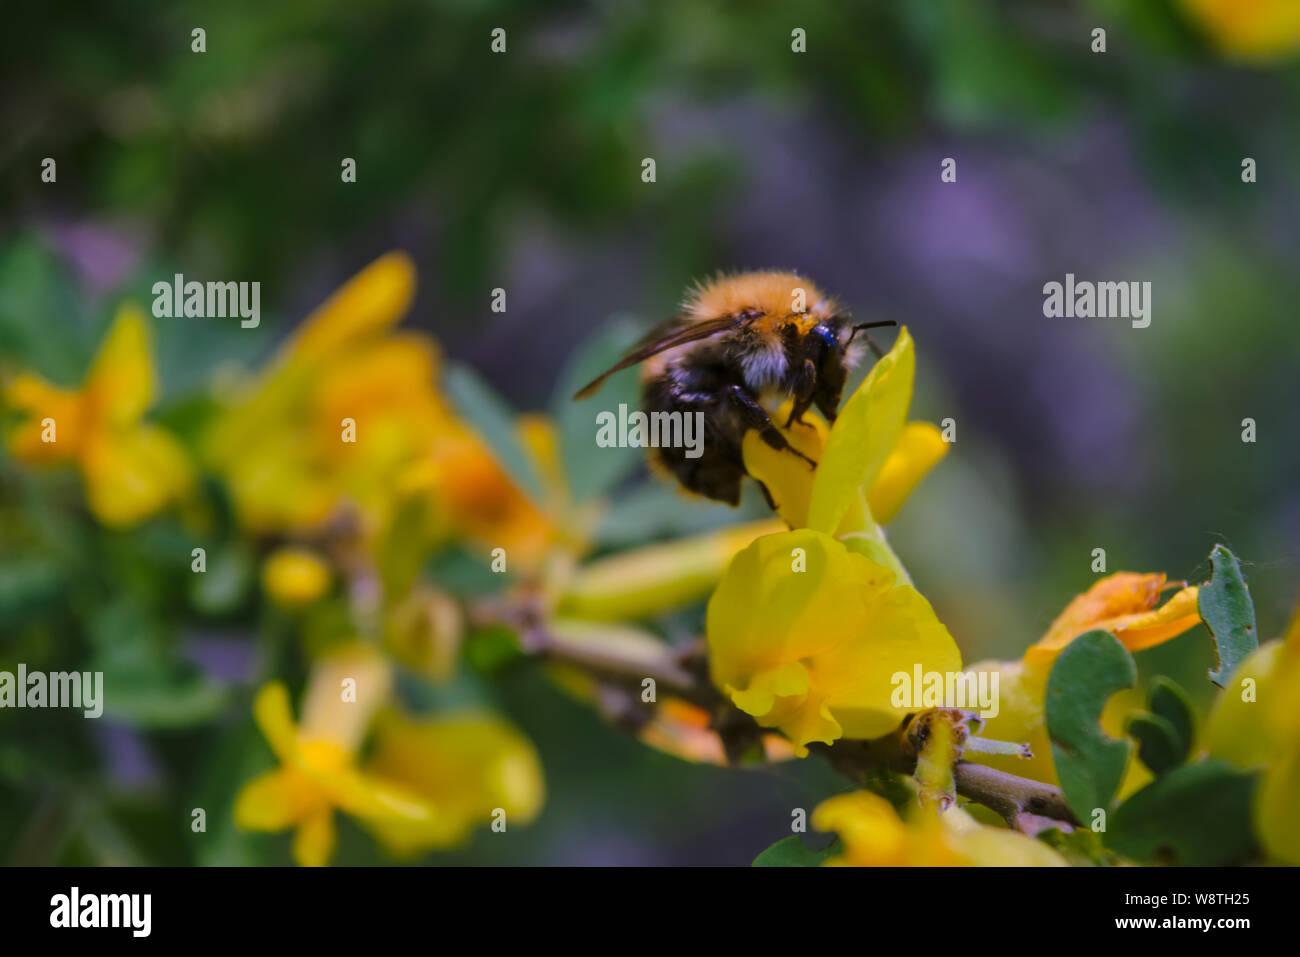 Eine große shaggy Bumblebee sammelt Nektar aus einer hellen gelben Blume. Stockfoto